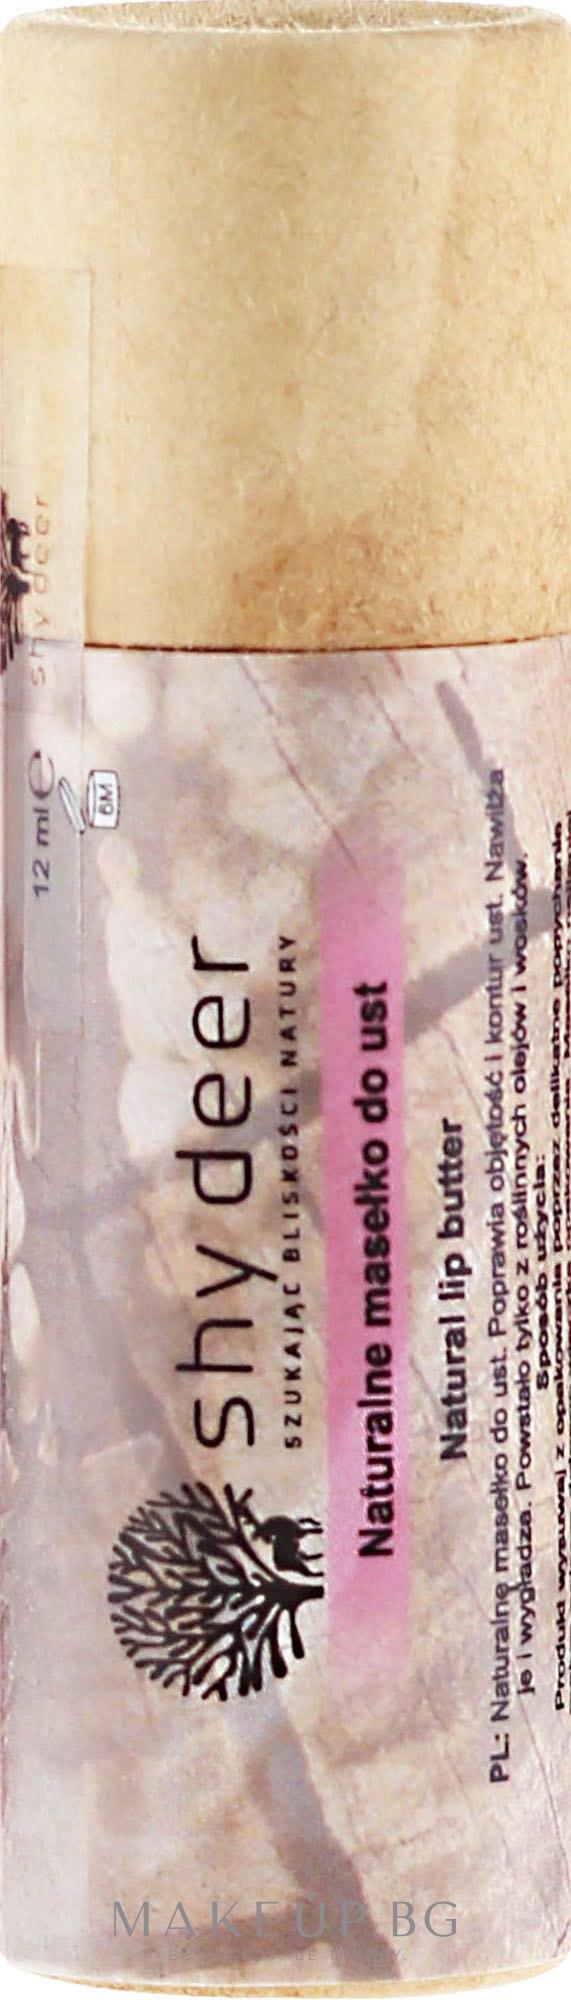 Натурално масло за устни - Shy Deer Natural Lip Butter — снимка 12 ml